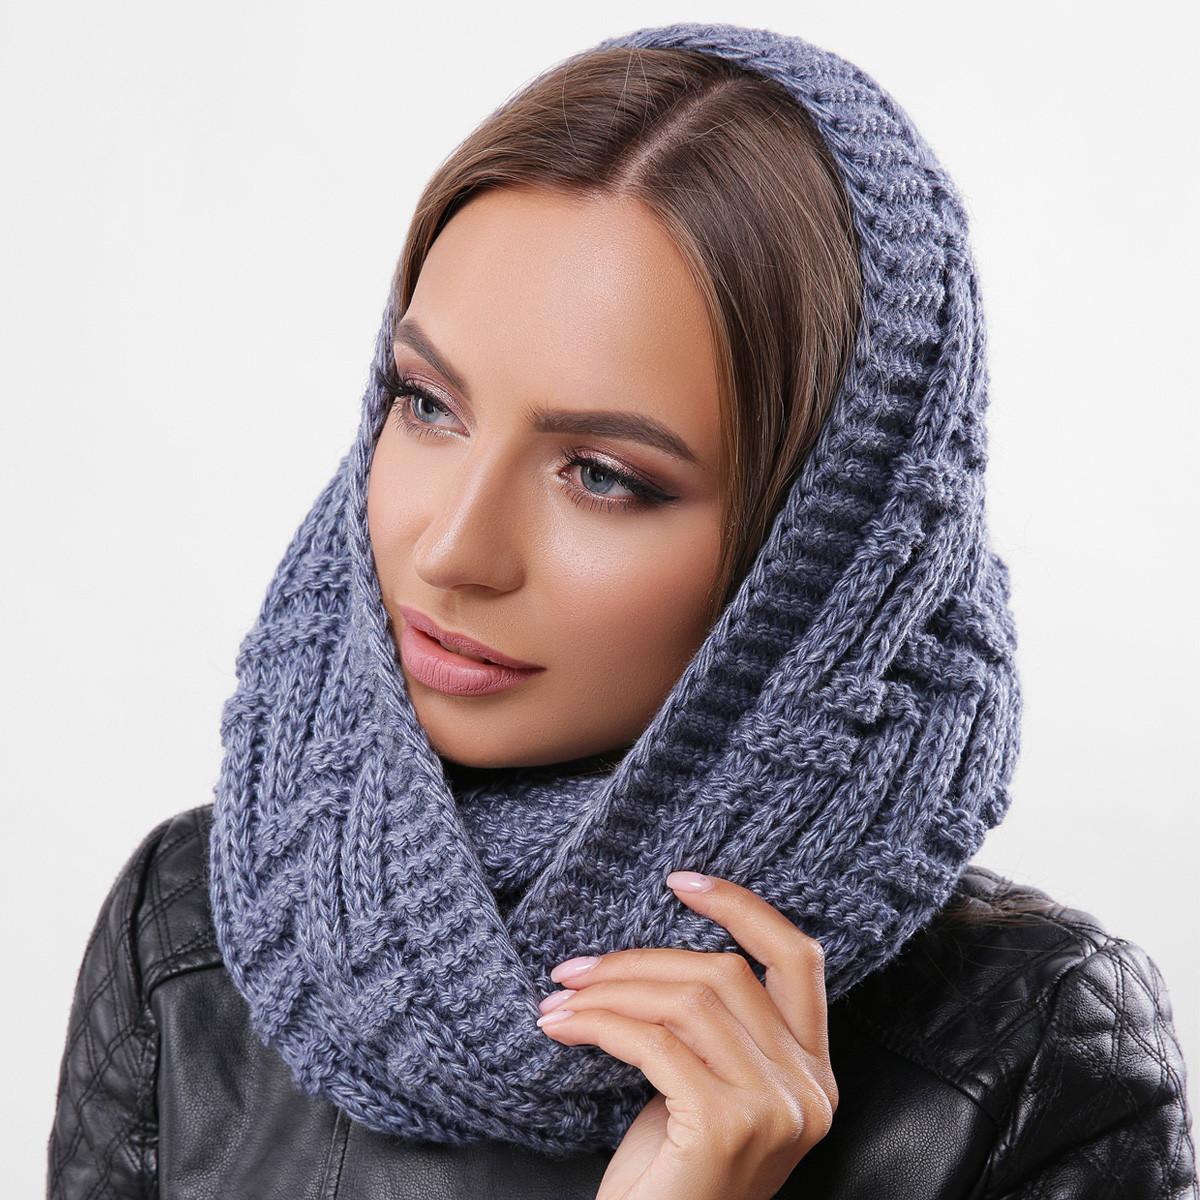 Синий вязаный снуд, шарф-хомут